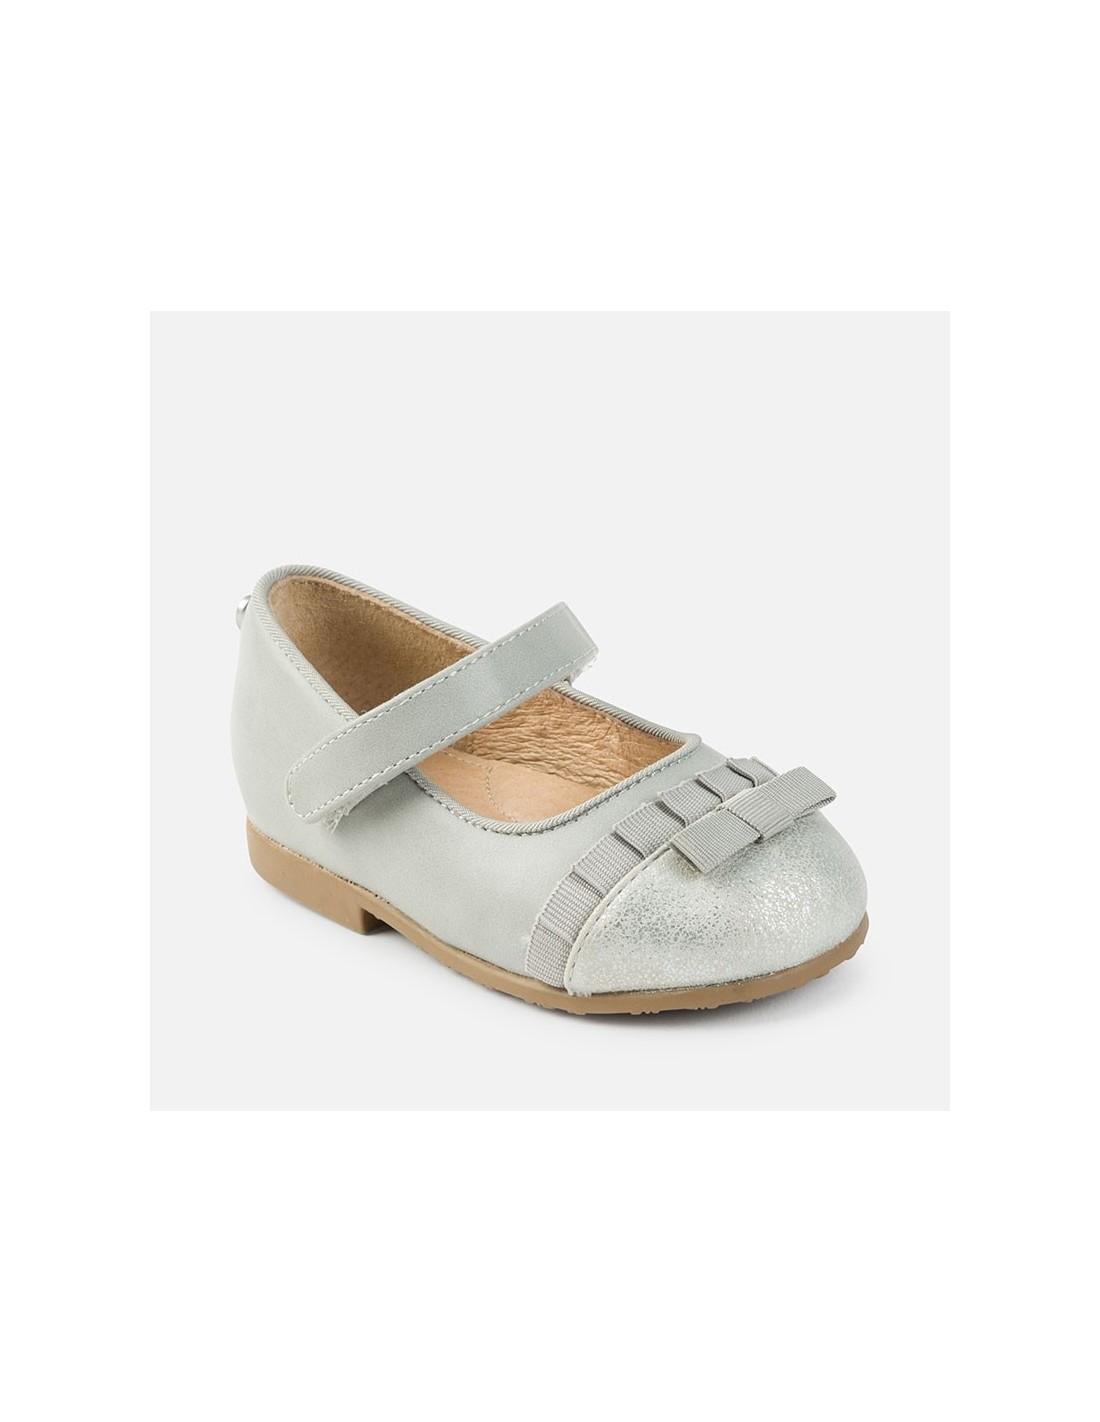 nuovo stile del 2019 dettagliare qualità eccellente Mayoral scarpe bimba ballerina in nappa grigio con fiocco e cinturino art.  42706 - Angela Barba